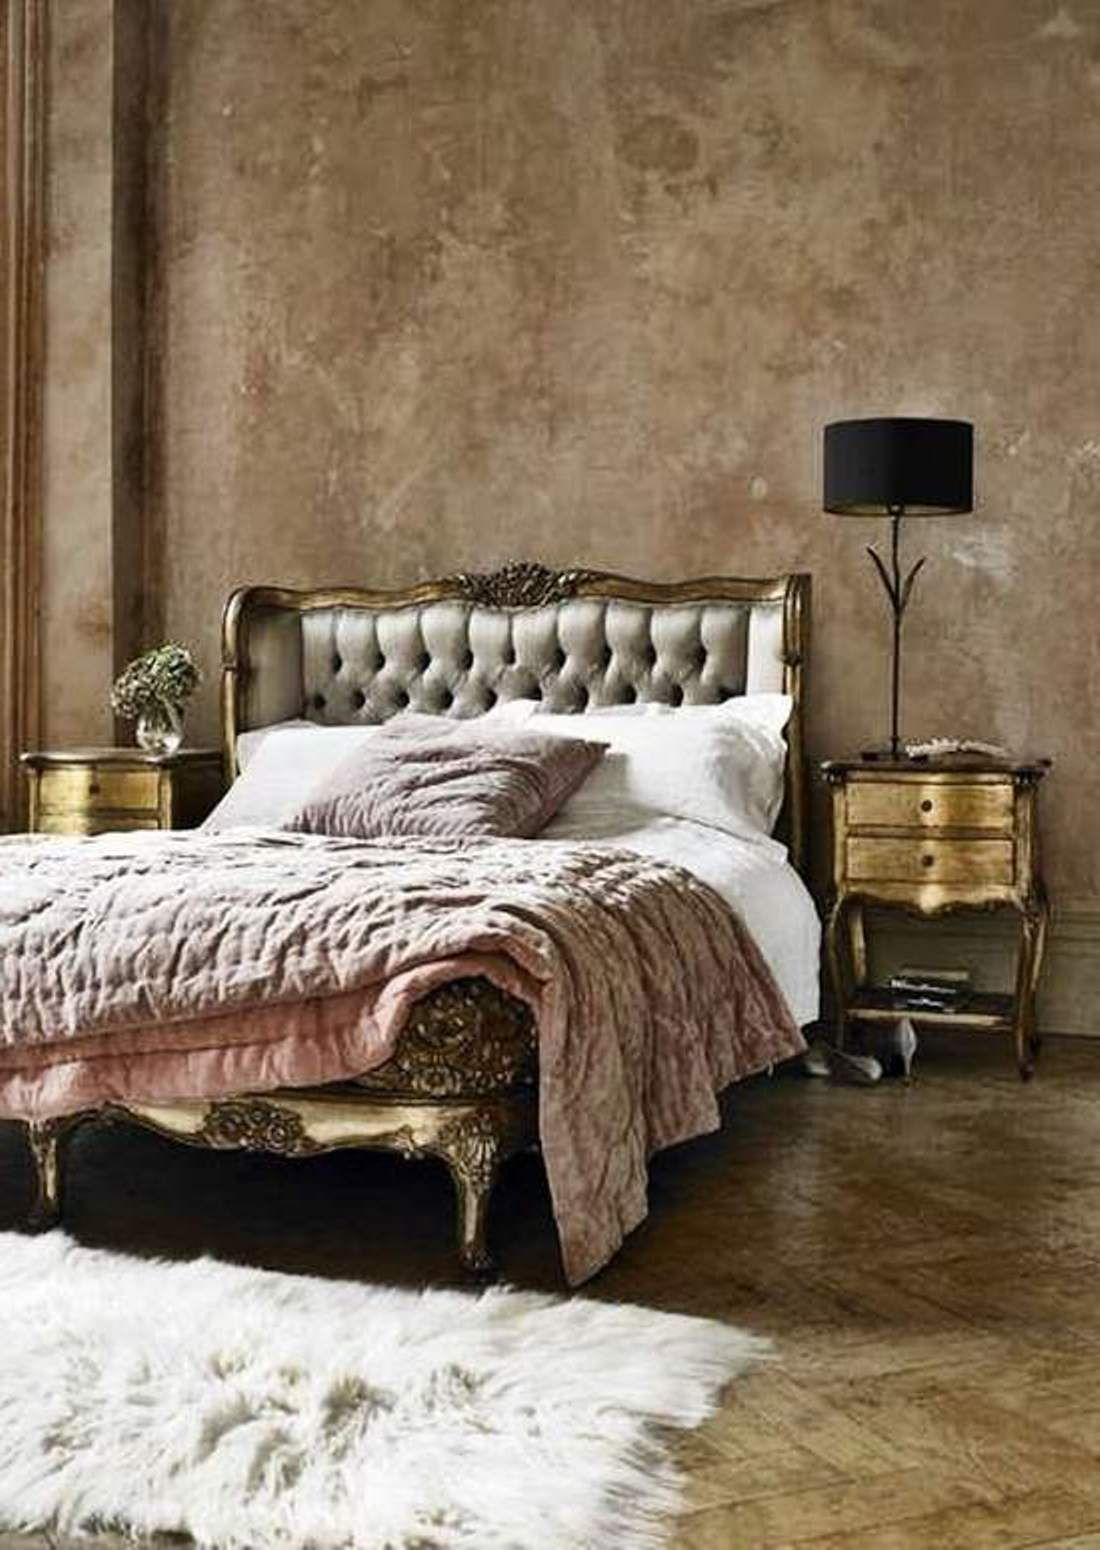 Elegant Romantic Bedrooms: Elegant Paris Decor For Bedroom : Chic Paris Decor For